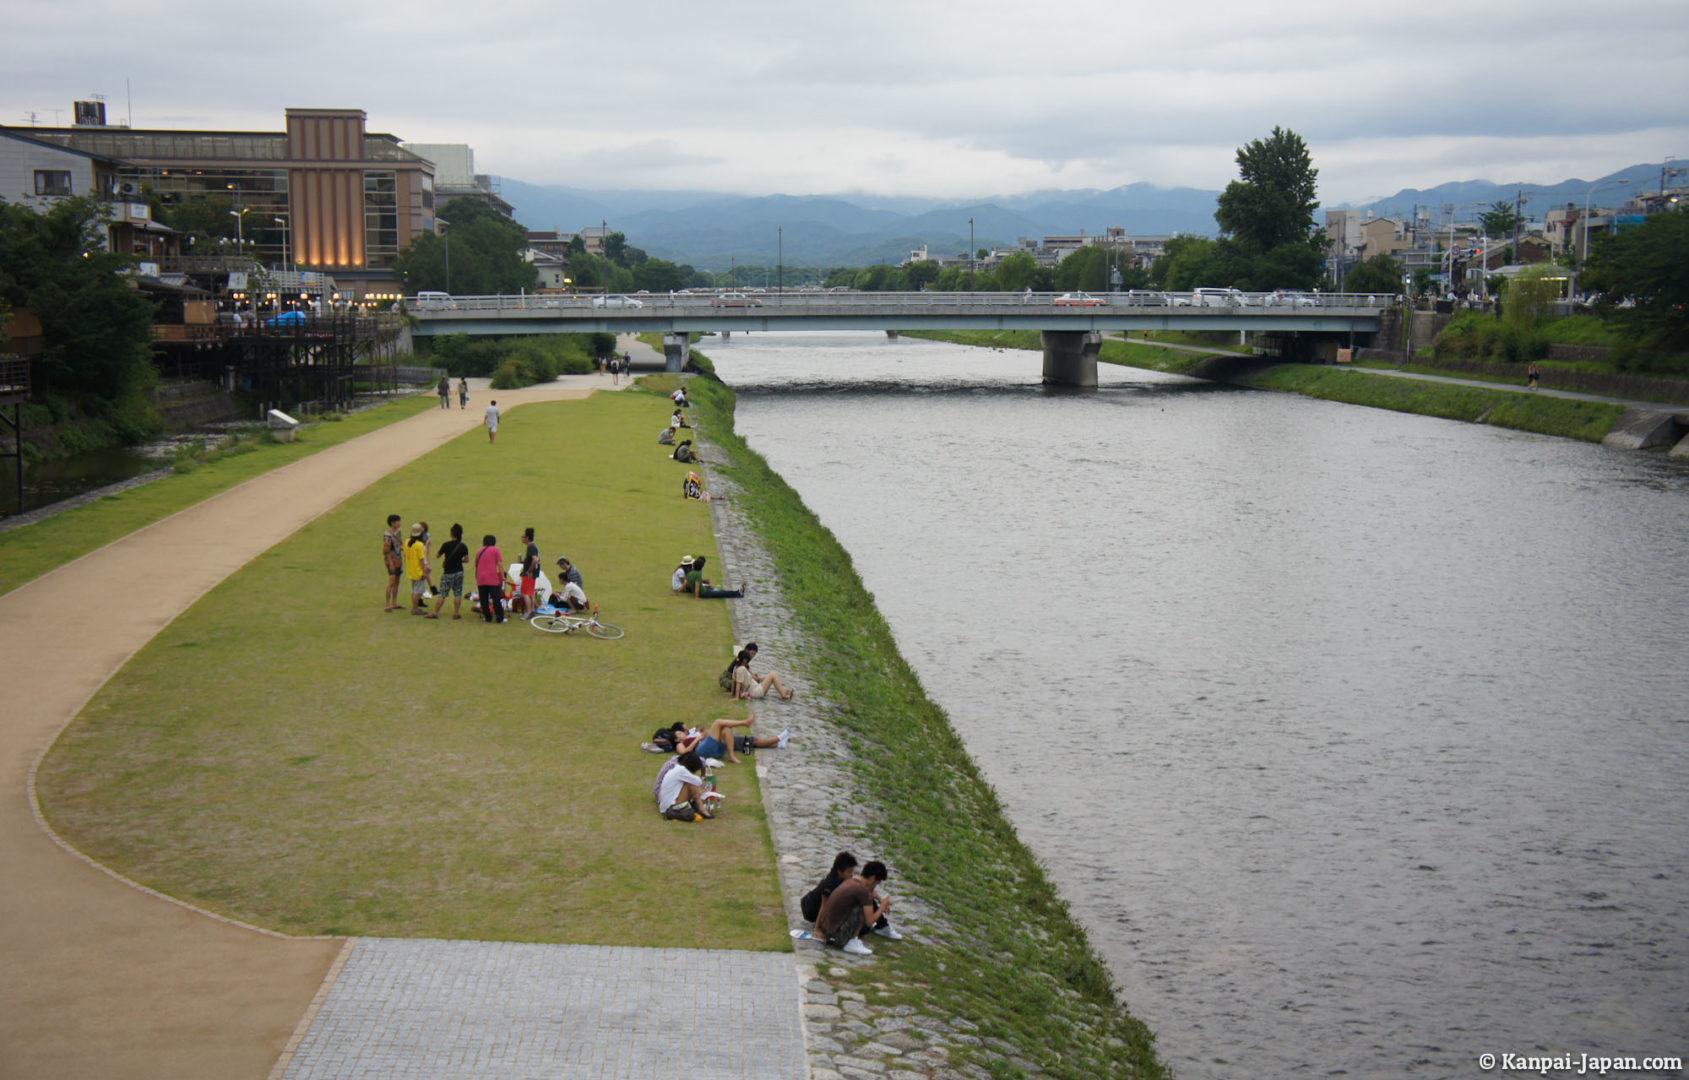 luoghi spirituali del giappone, Kamo River